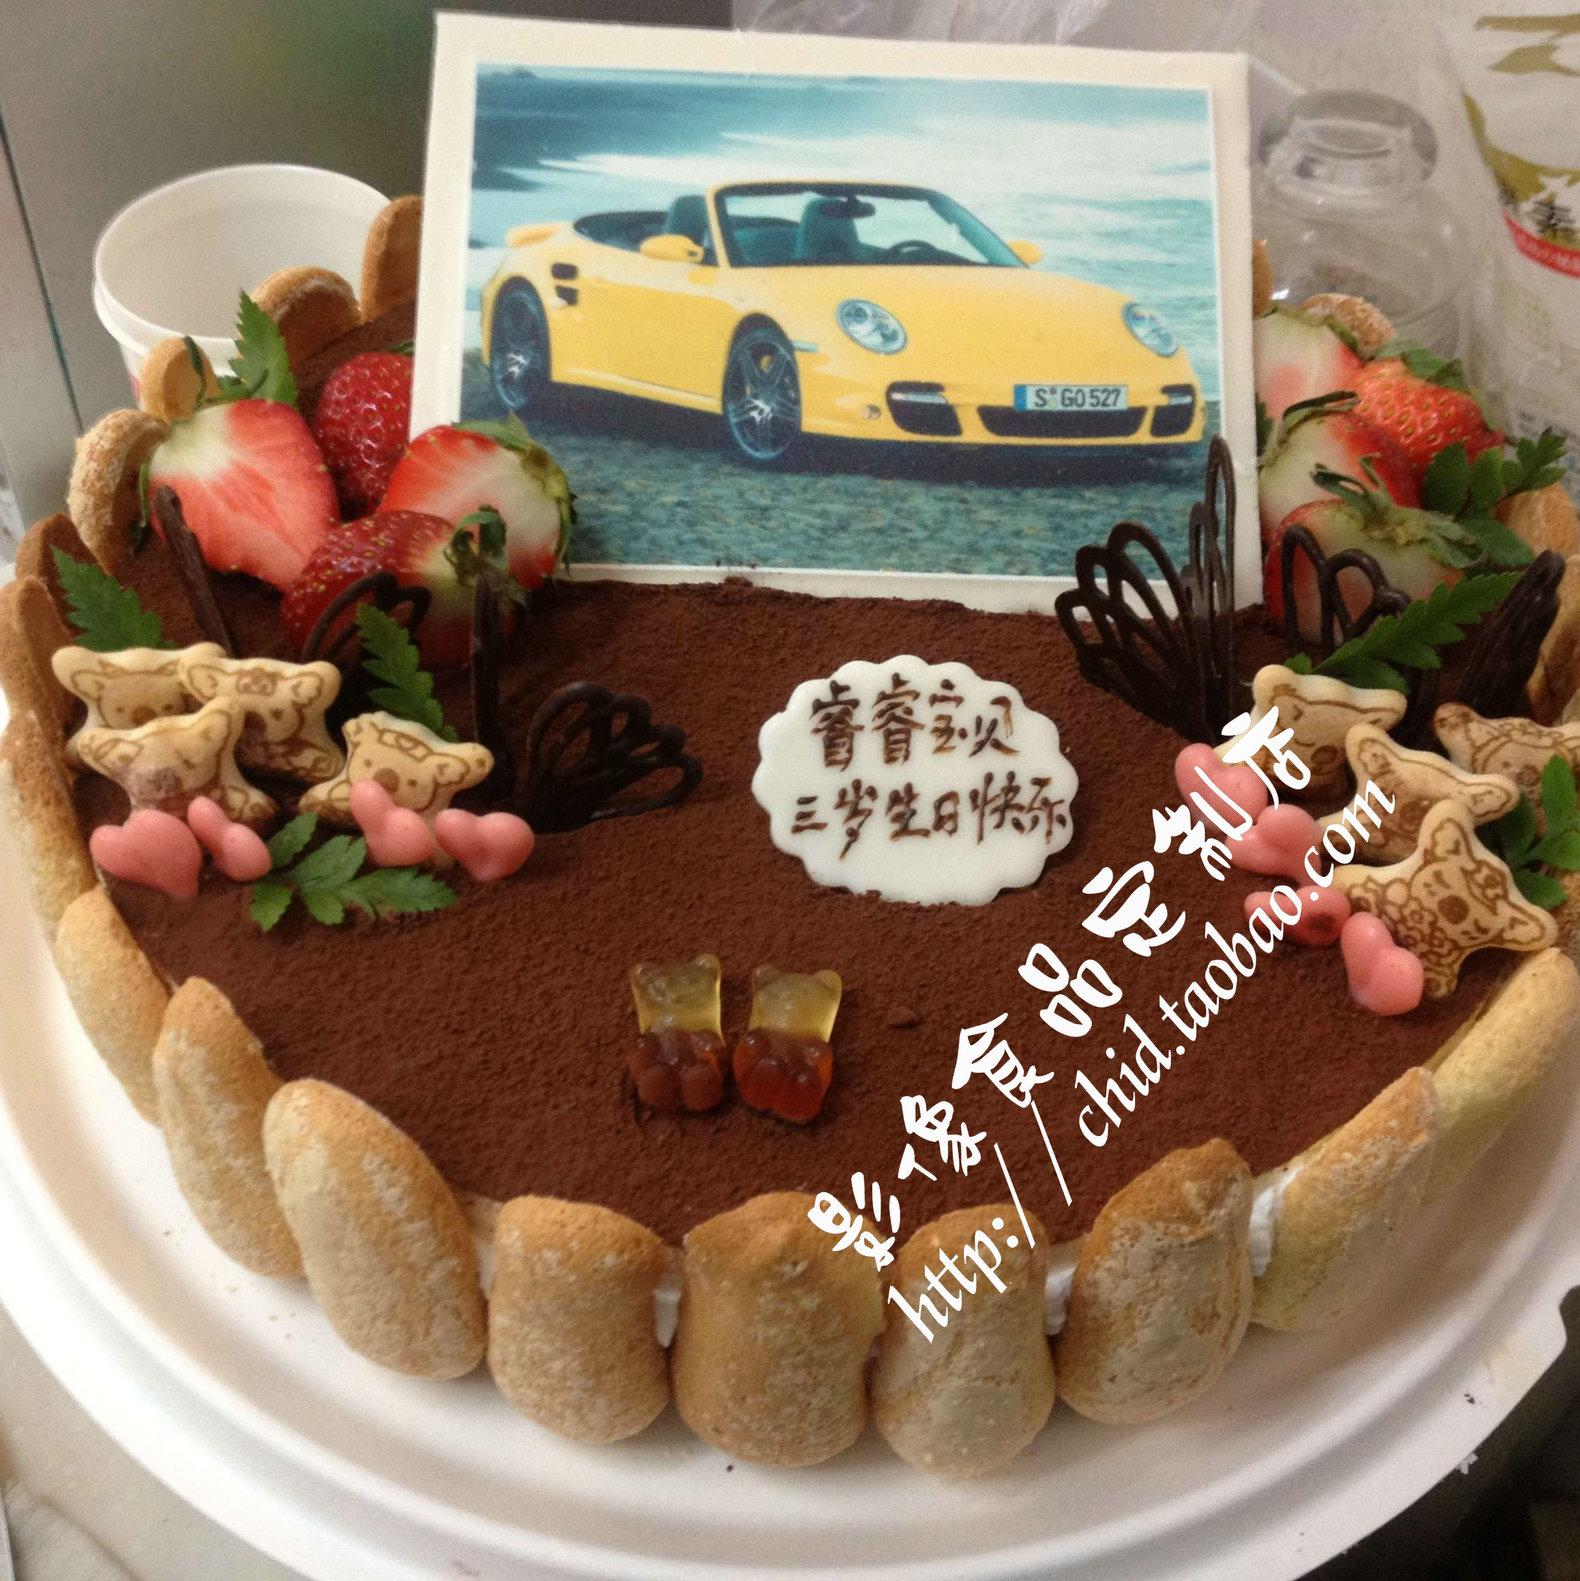 创意数码蛋糕翻糖食用照片手指饼干法式提拉米苏生日蛋糕南京配送